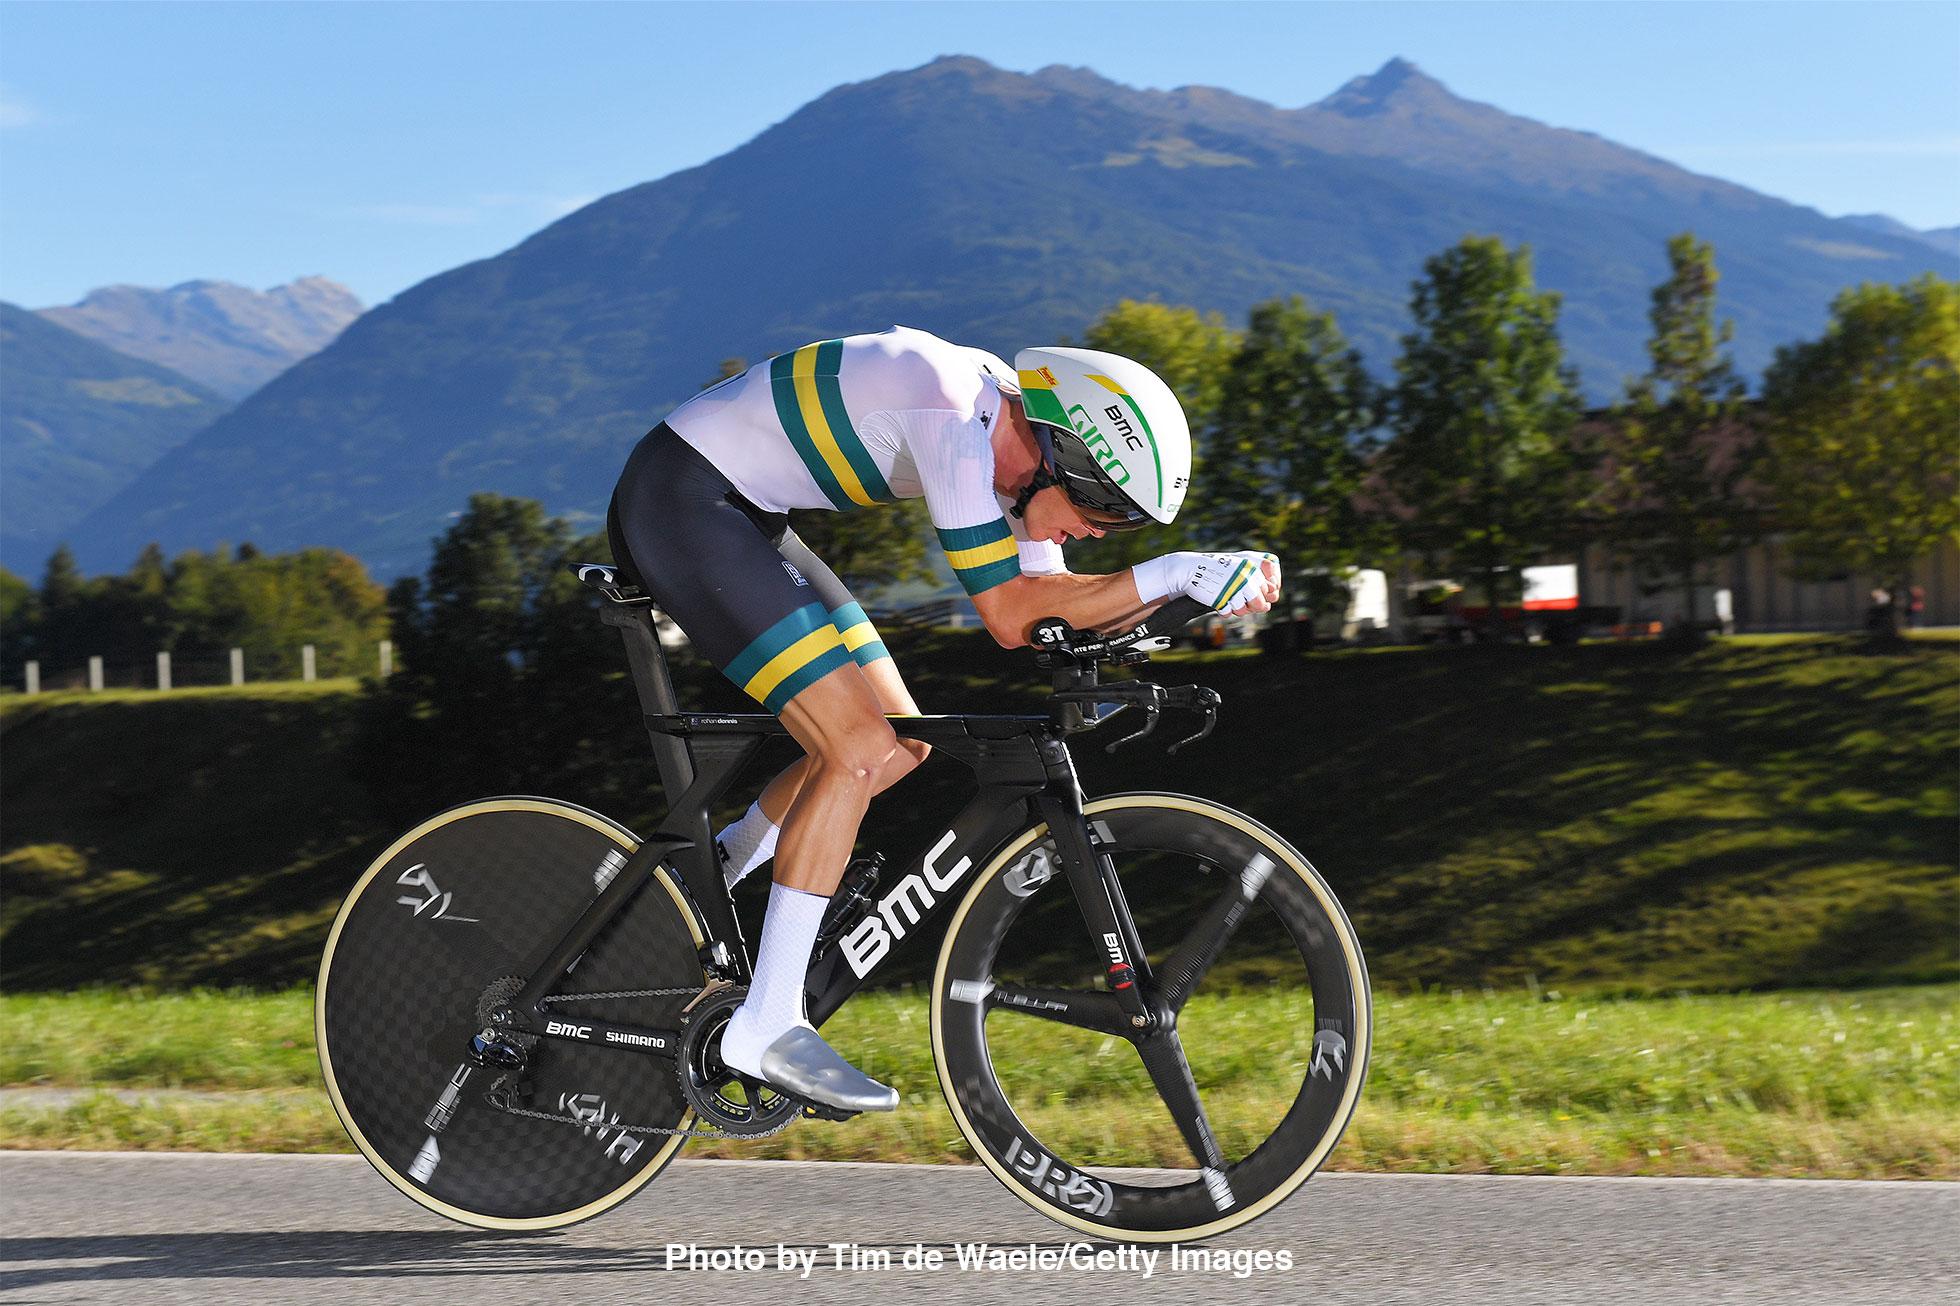 2018ロード世界選手権男子エリート個人TTを走るローハン・デニス